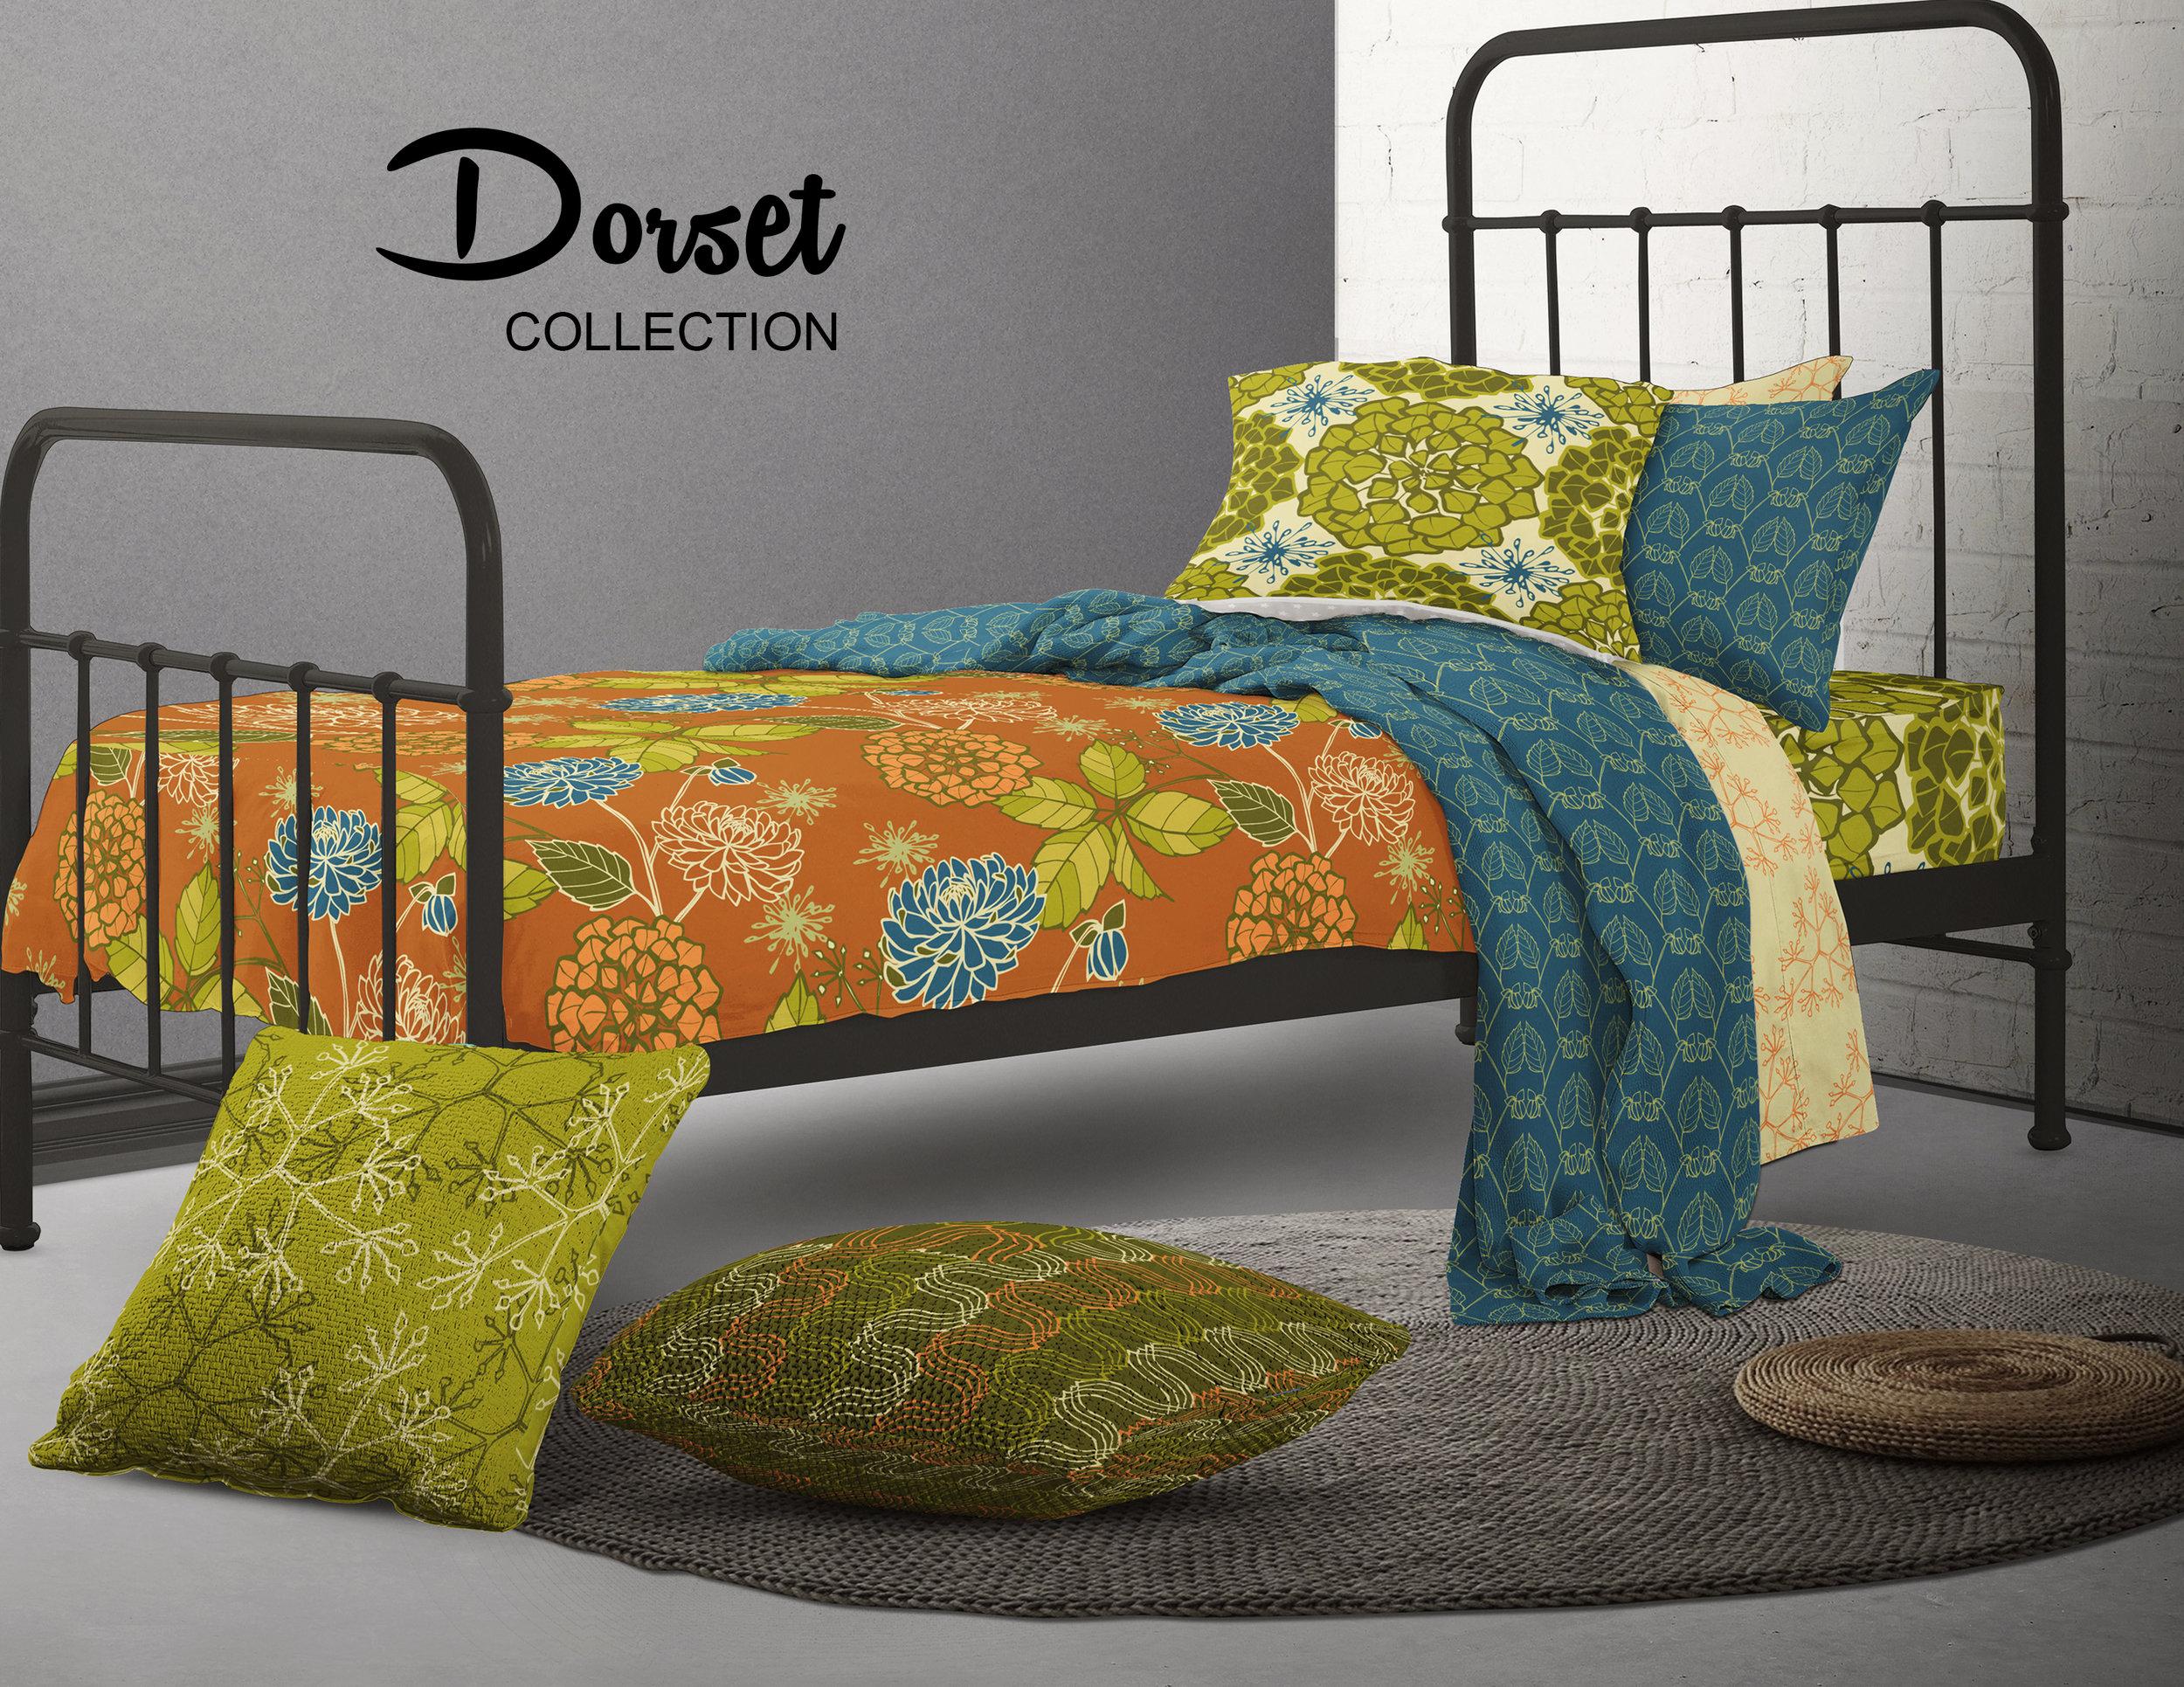 14 Dorset patterned mockups.jpg